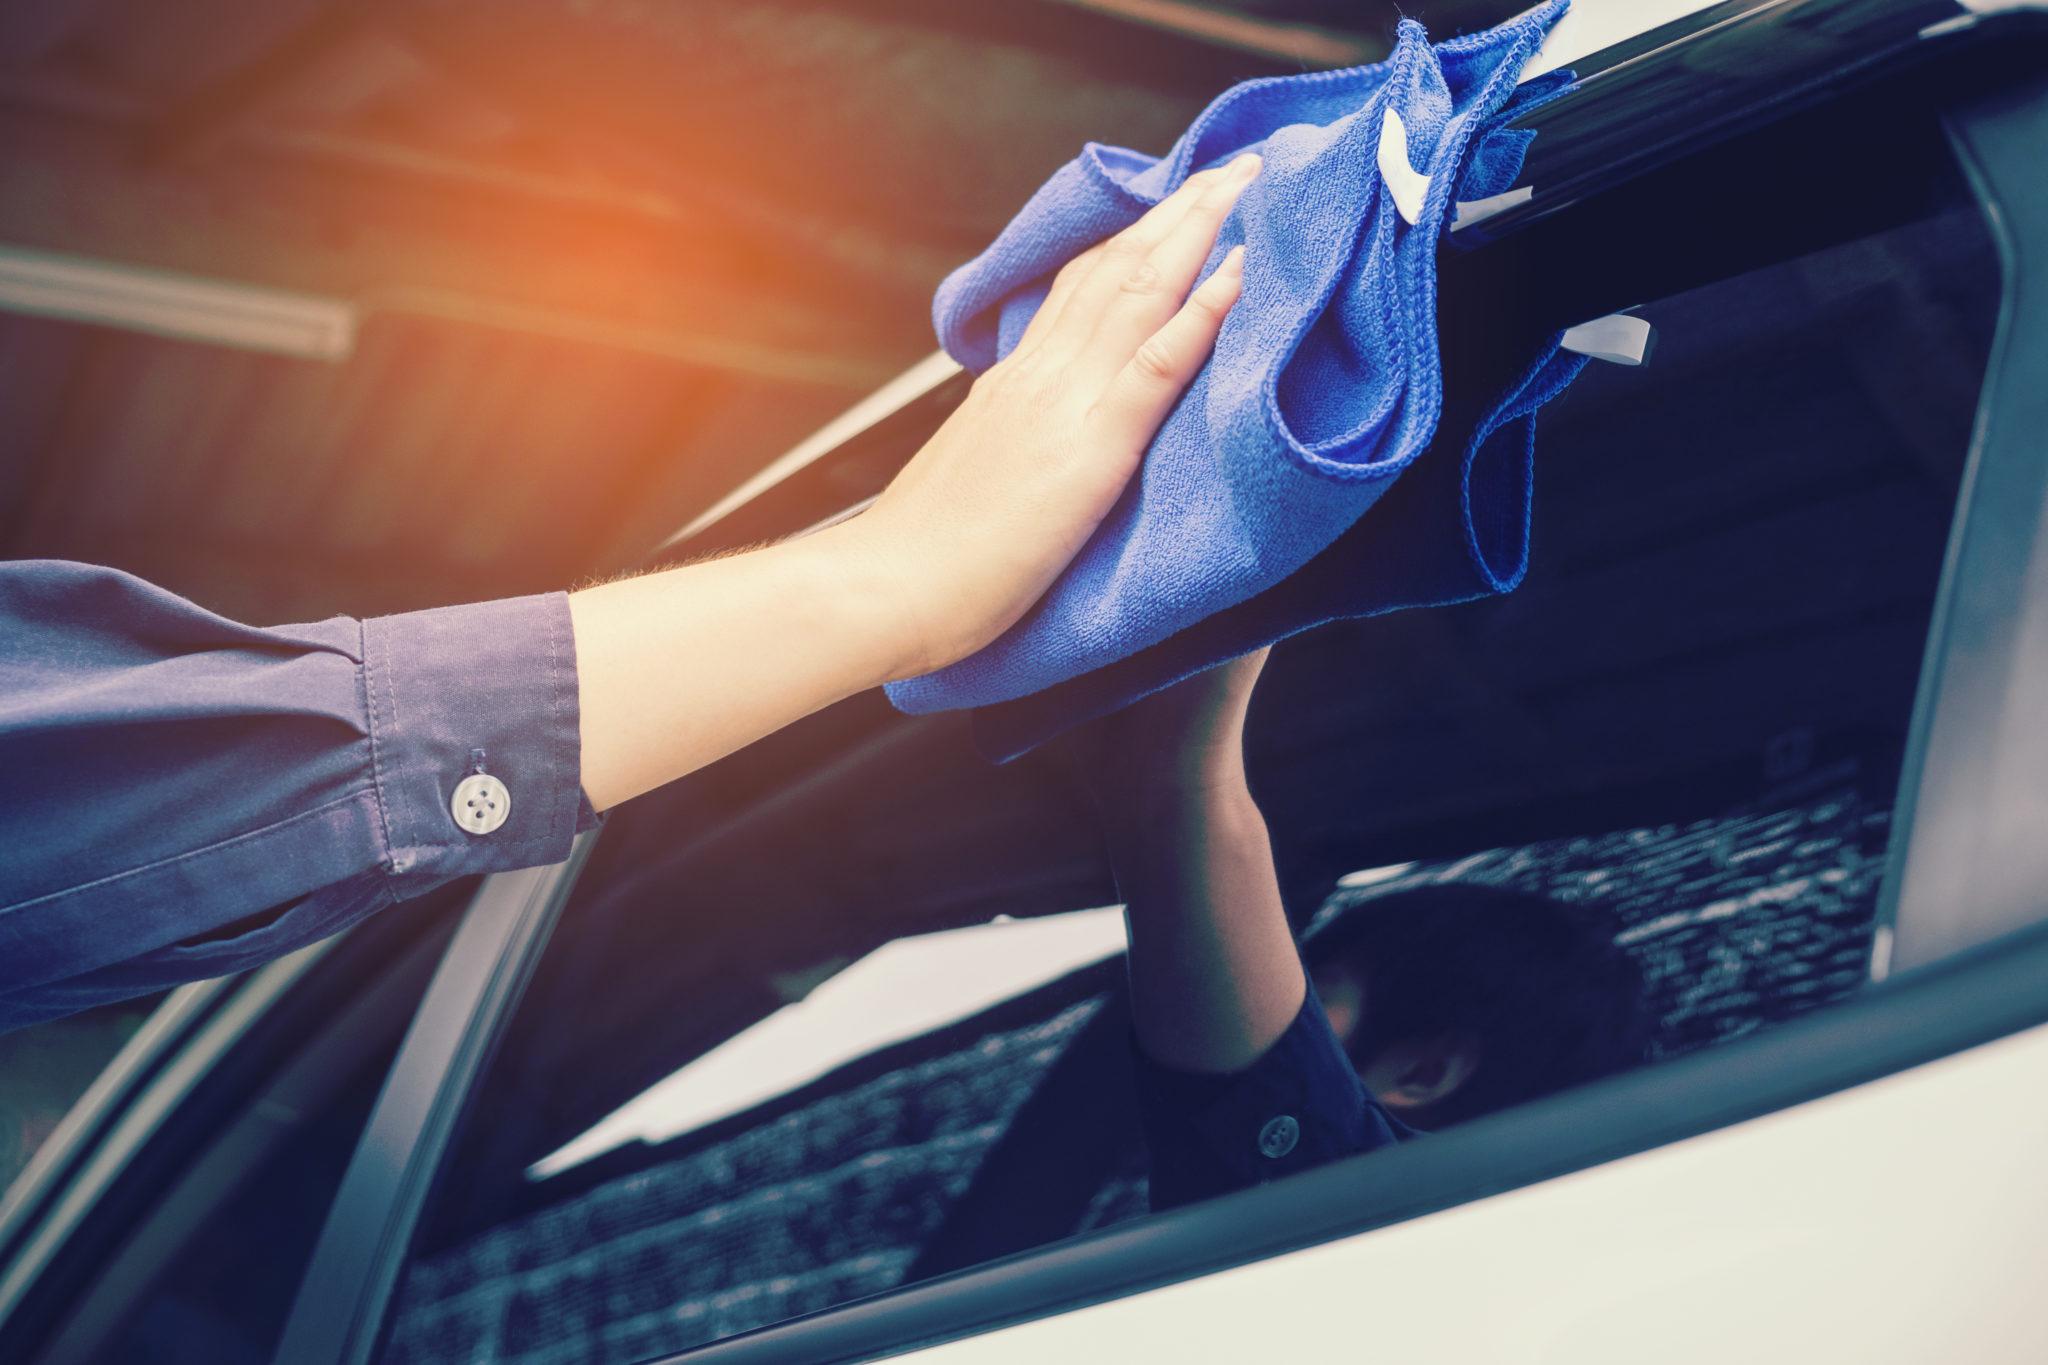 Car detaling